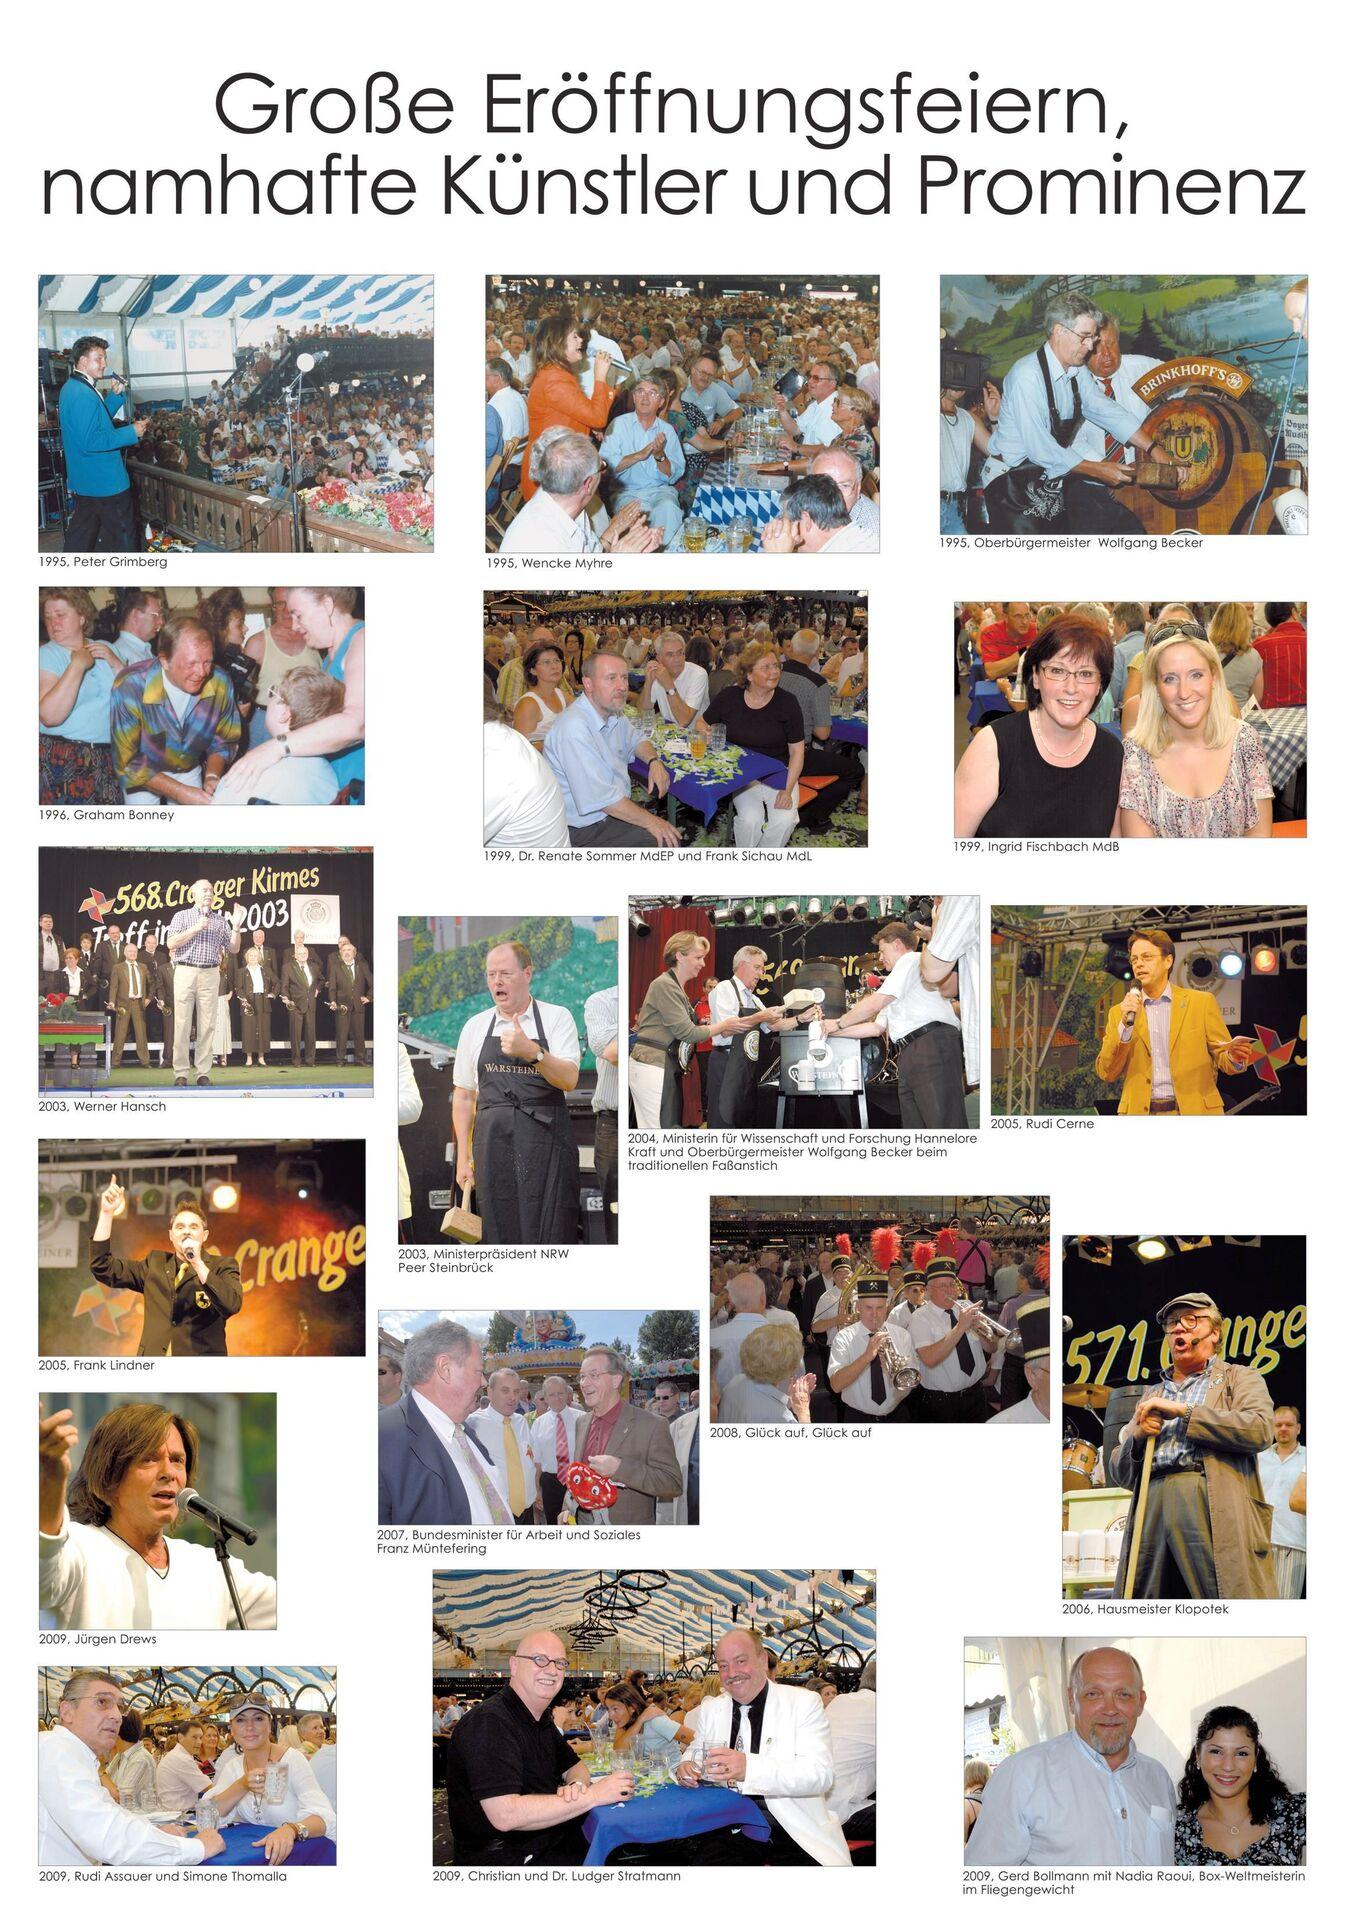 Große Eröffnungsfeiern, namhafte Künstler und Prominenz, Tafel 2.jpg